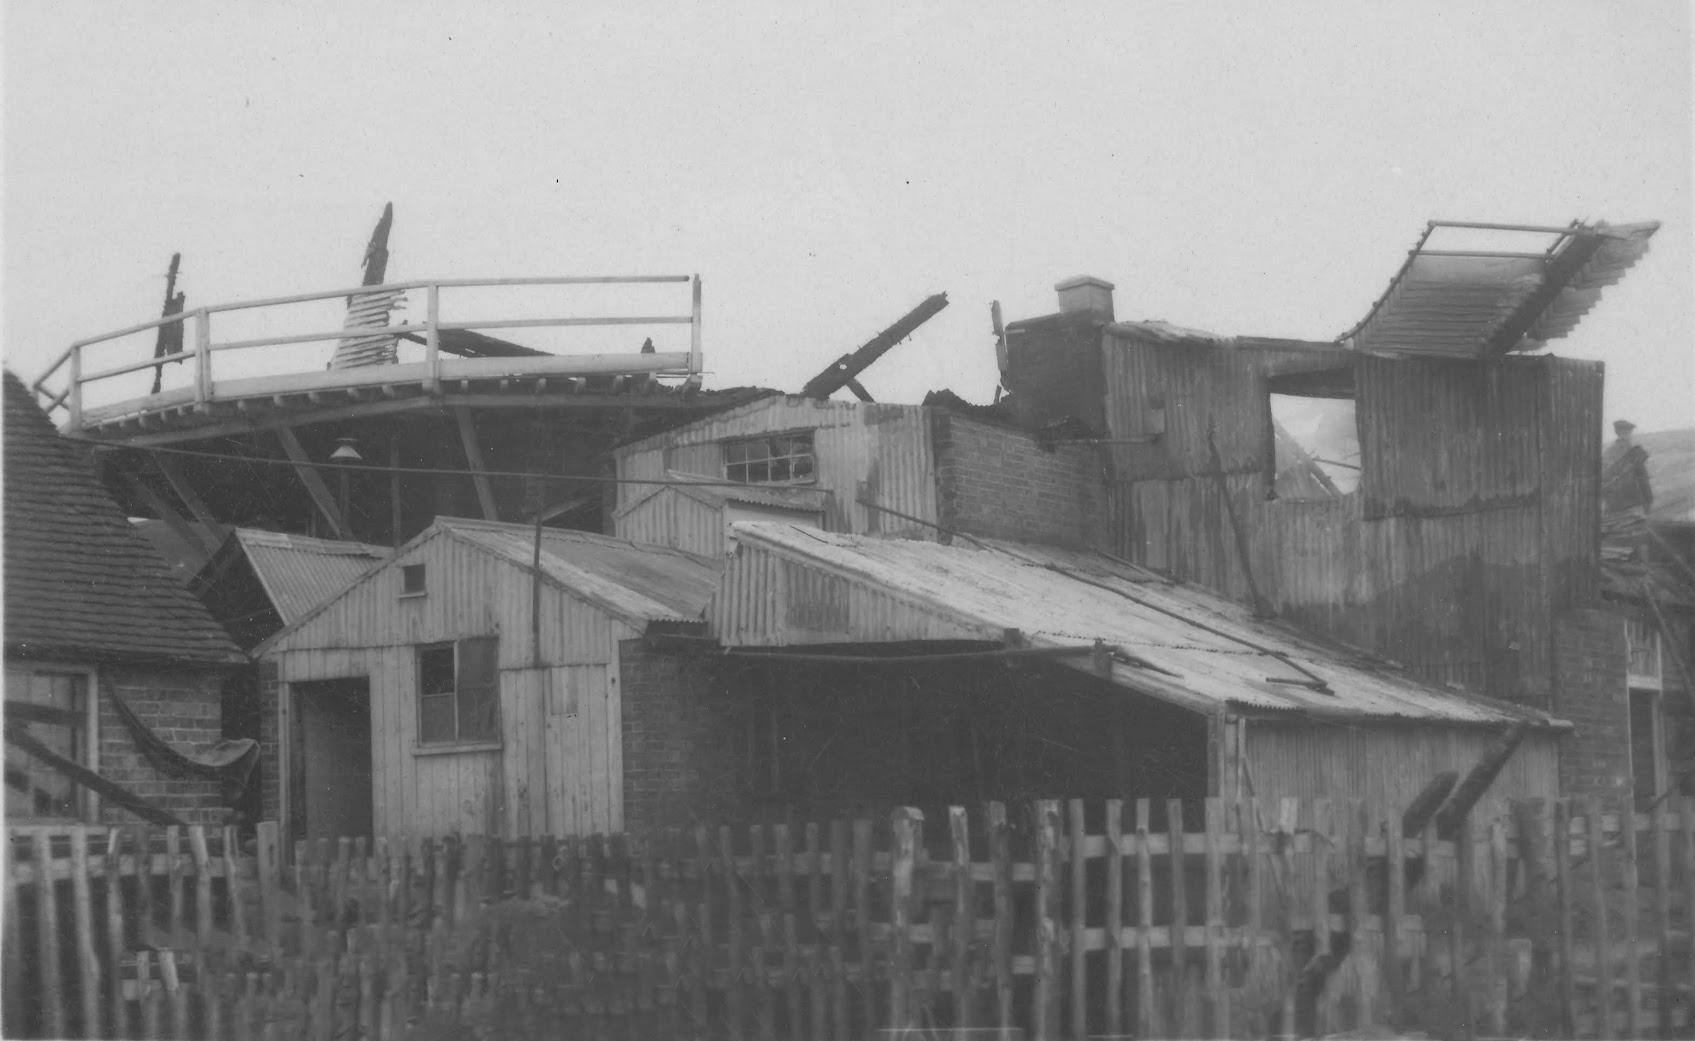 The fire at Leigh Green Mills, Tenterden, 26 November 1913